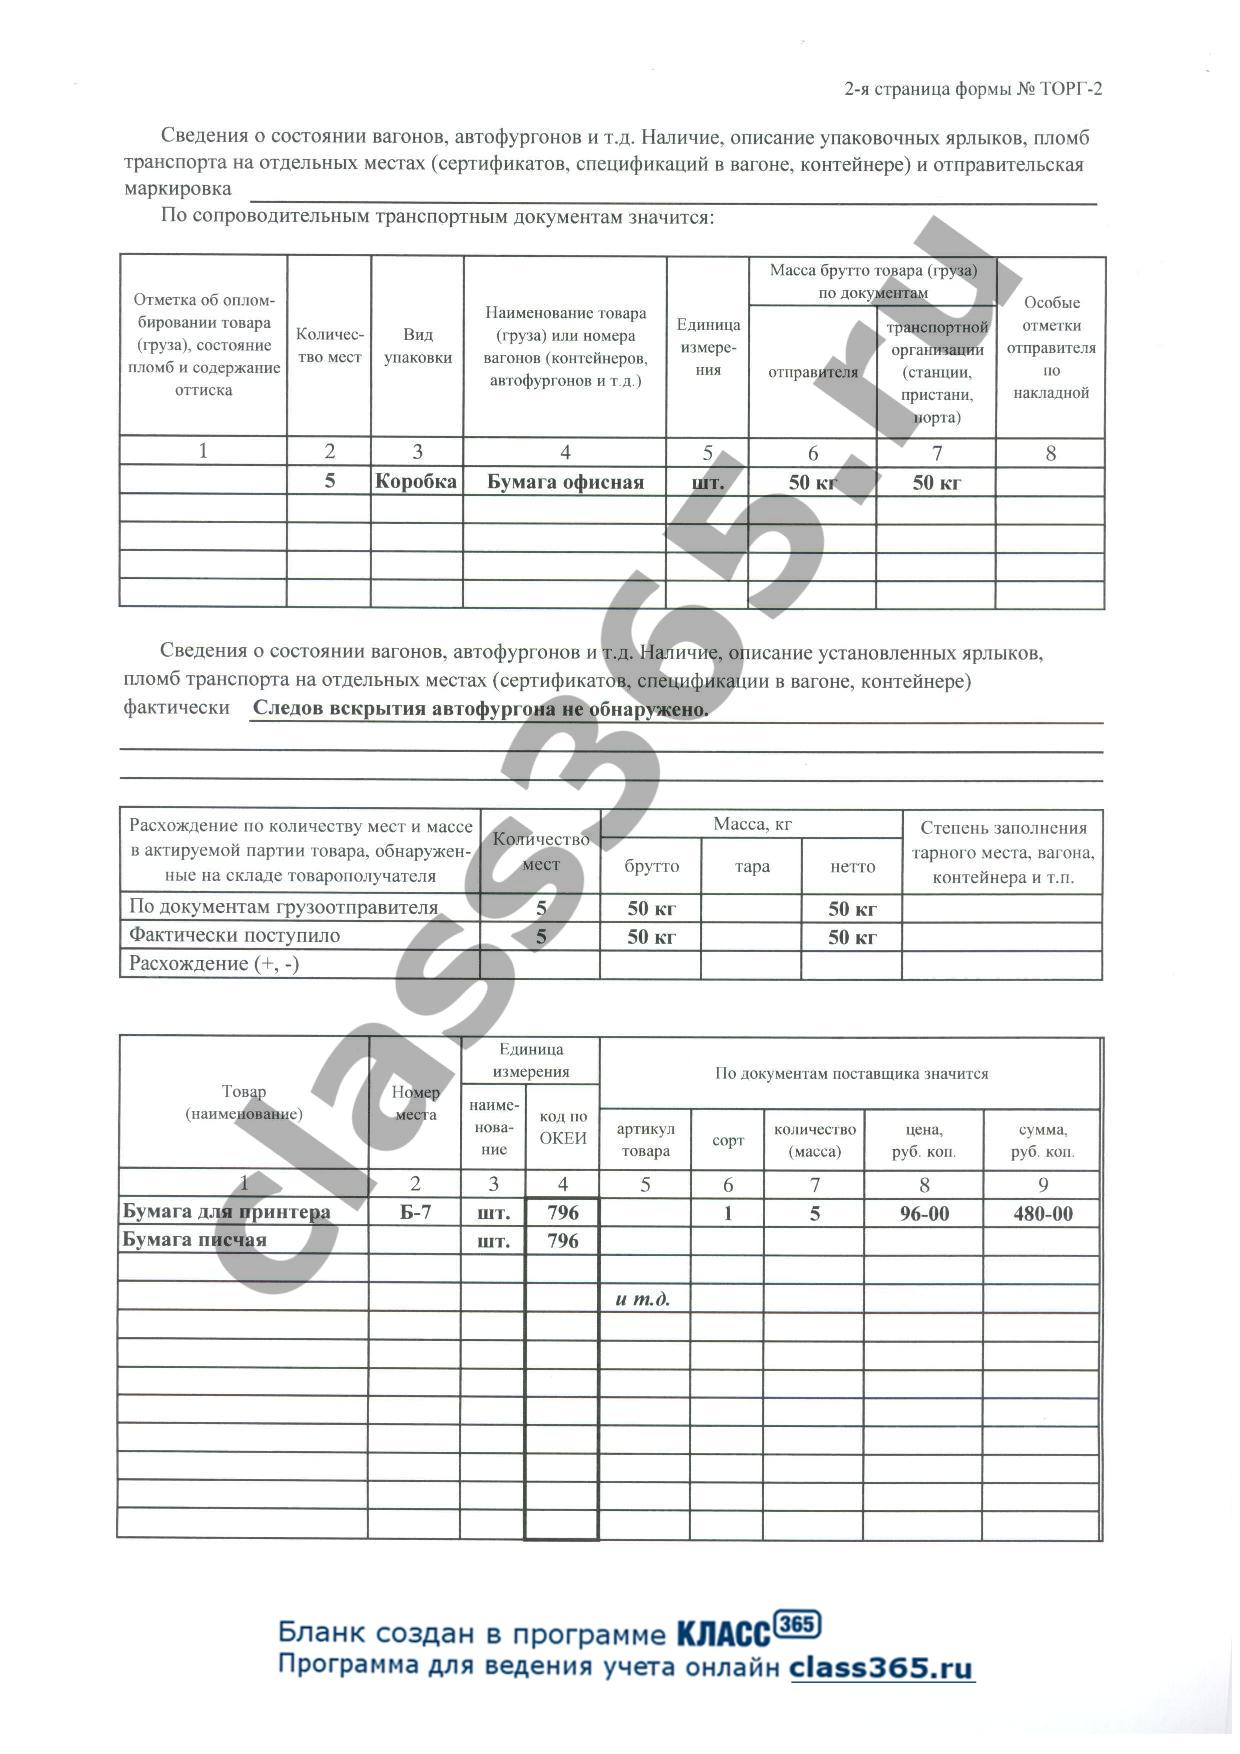 инструкция по приемке продукции форма п6 п7